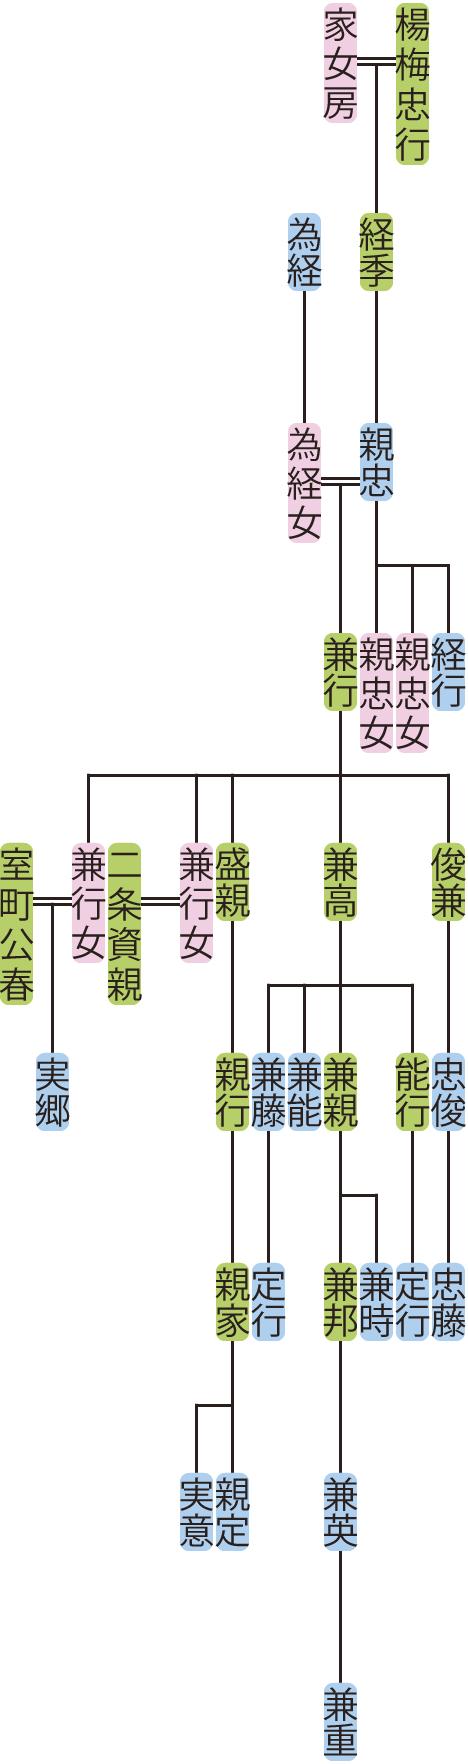 楊梅親忠の系図